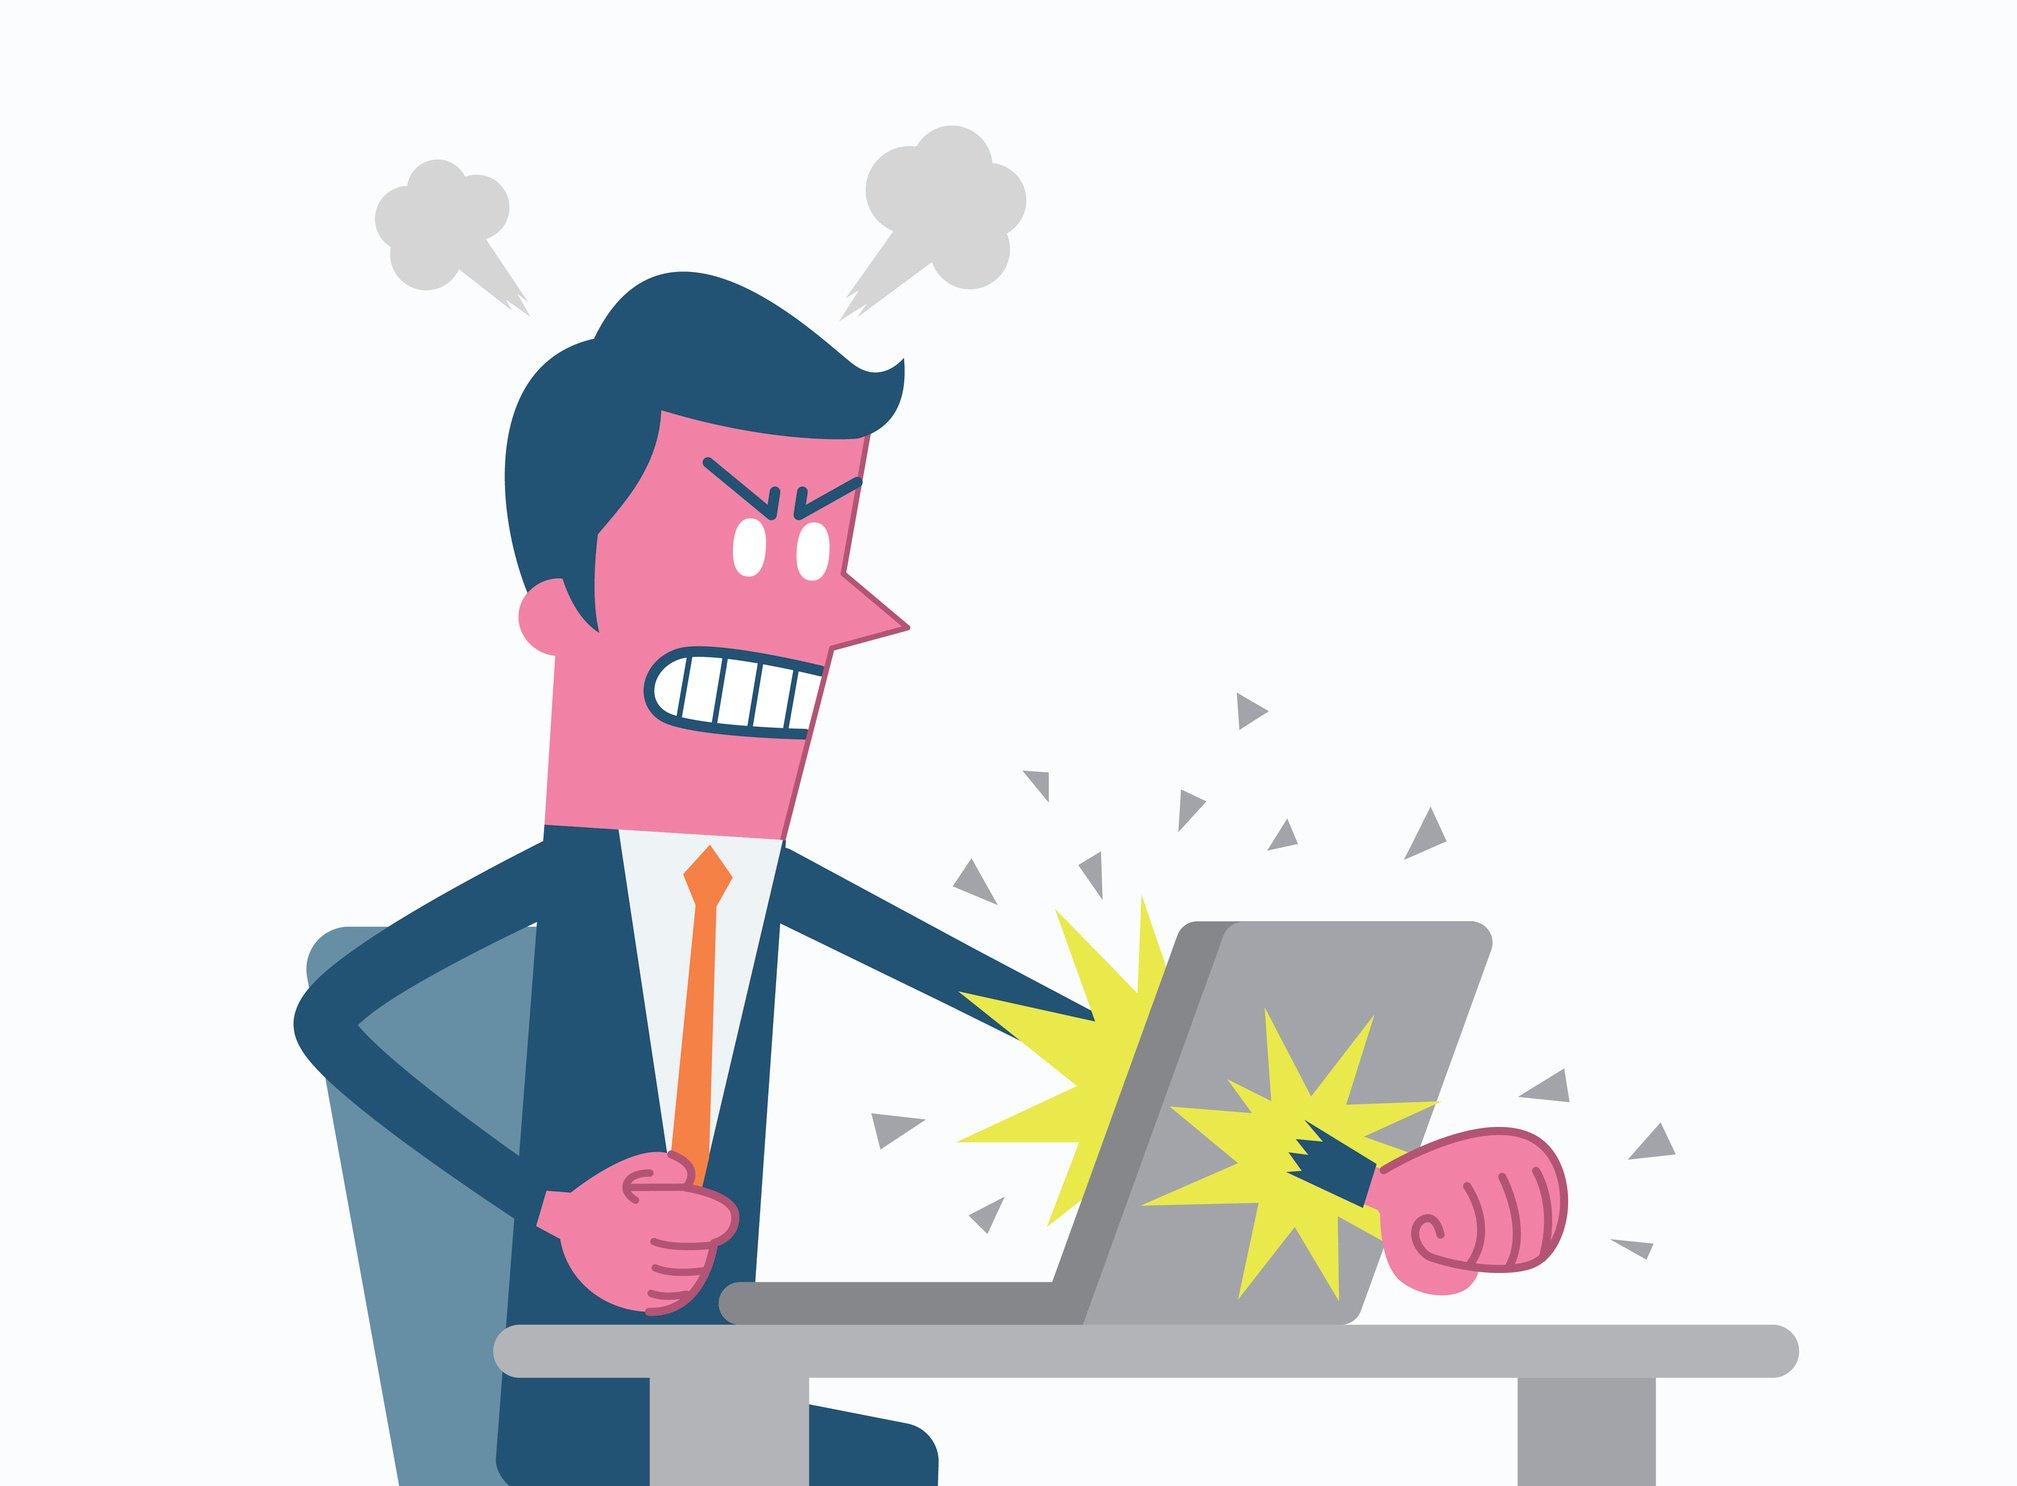 Man angry at work